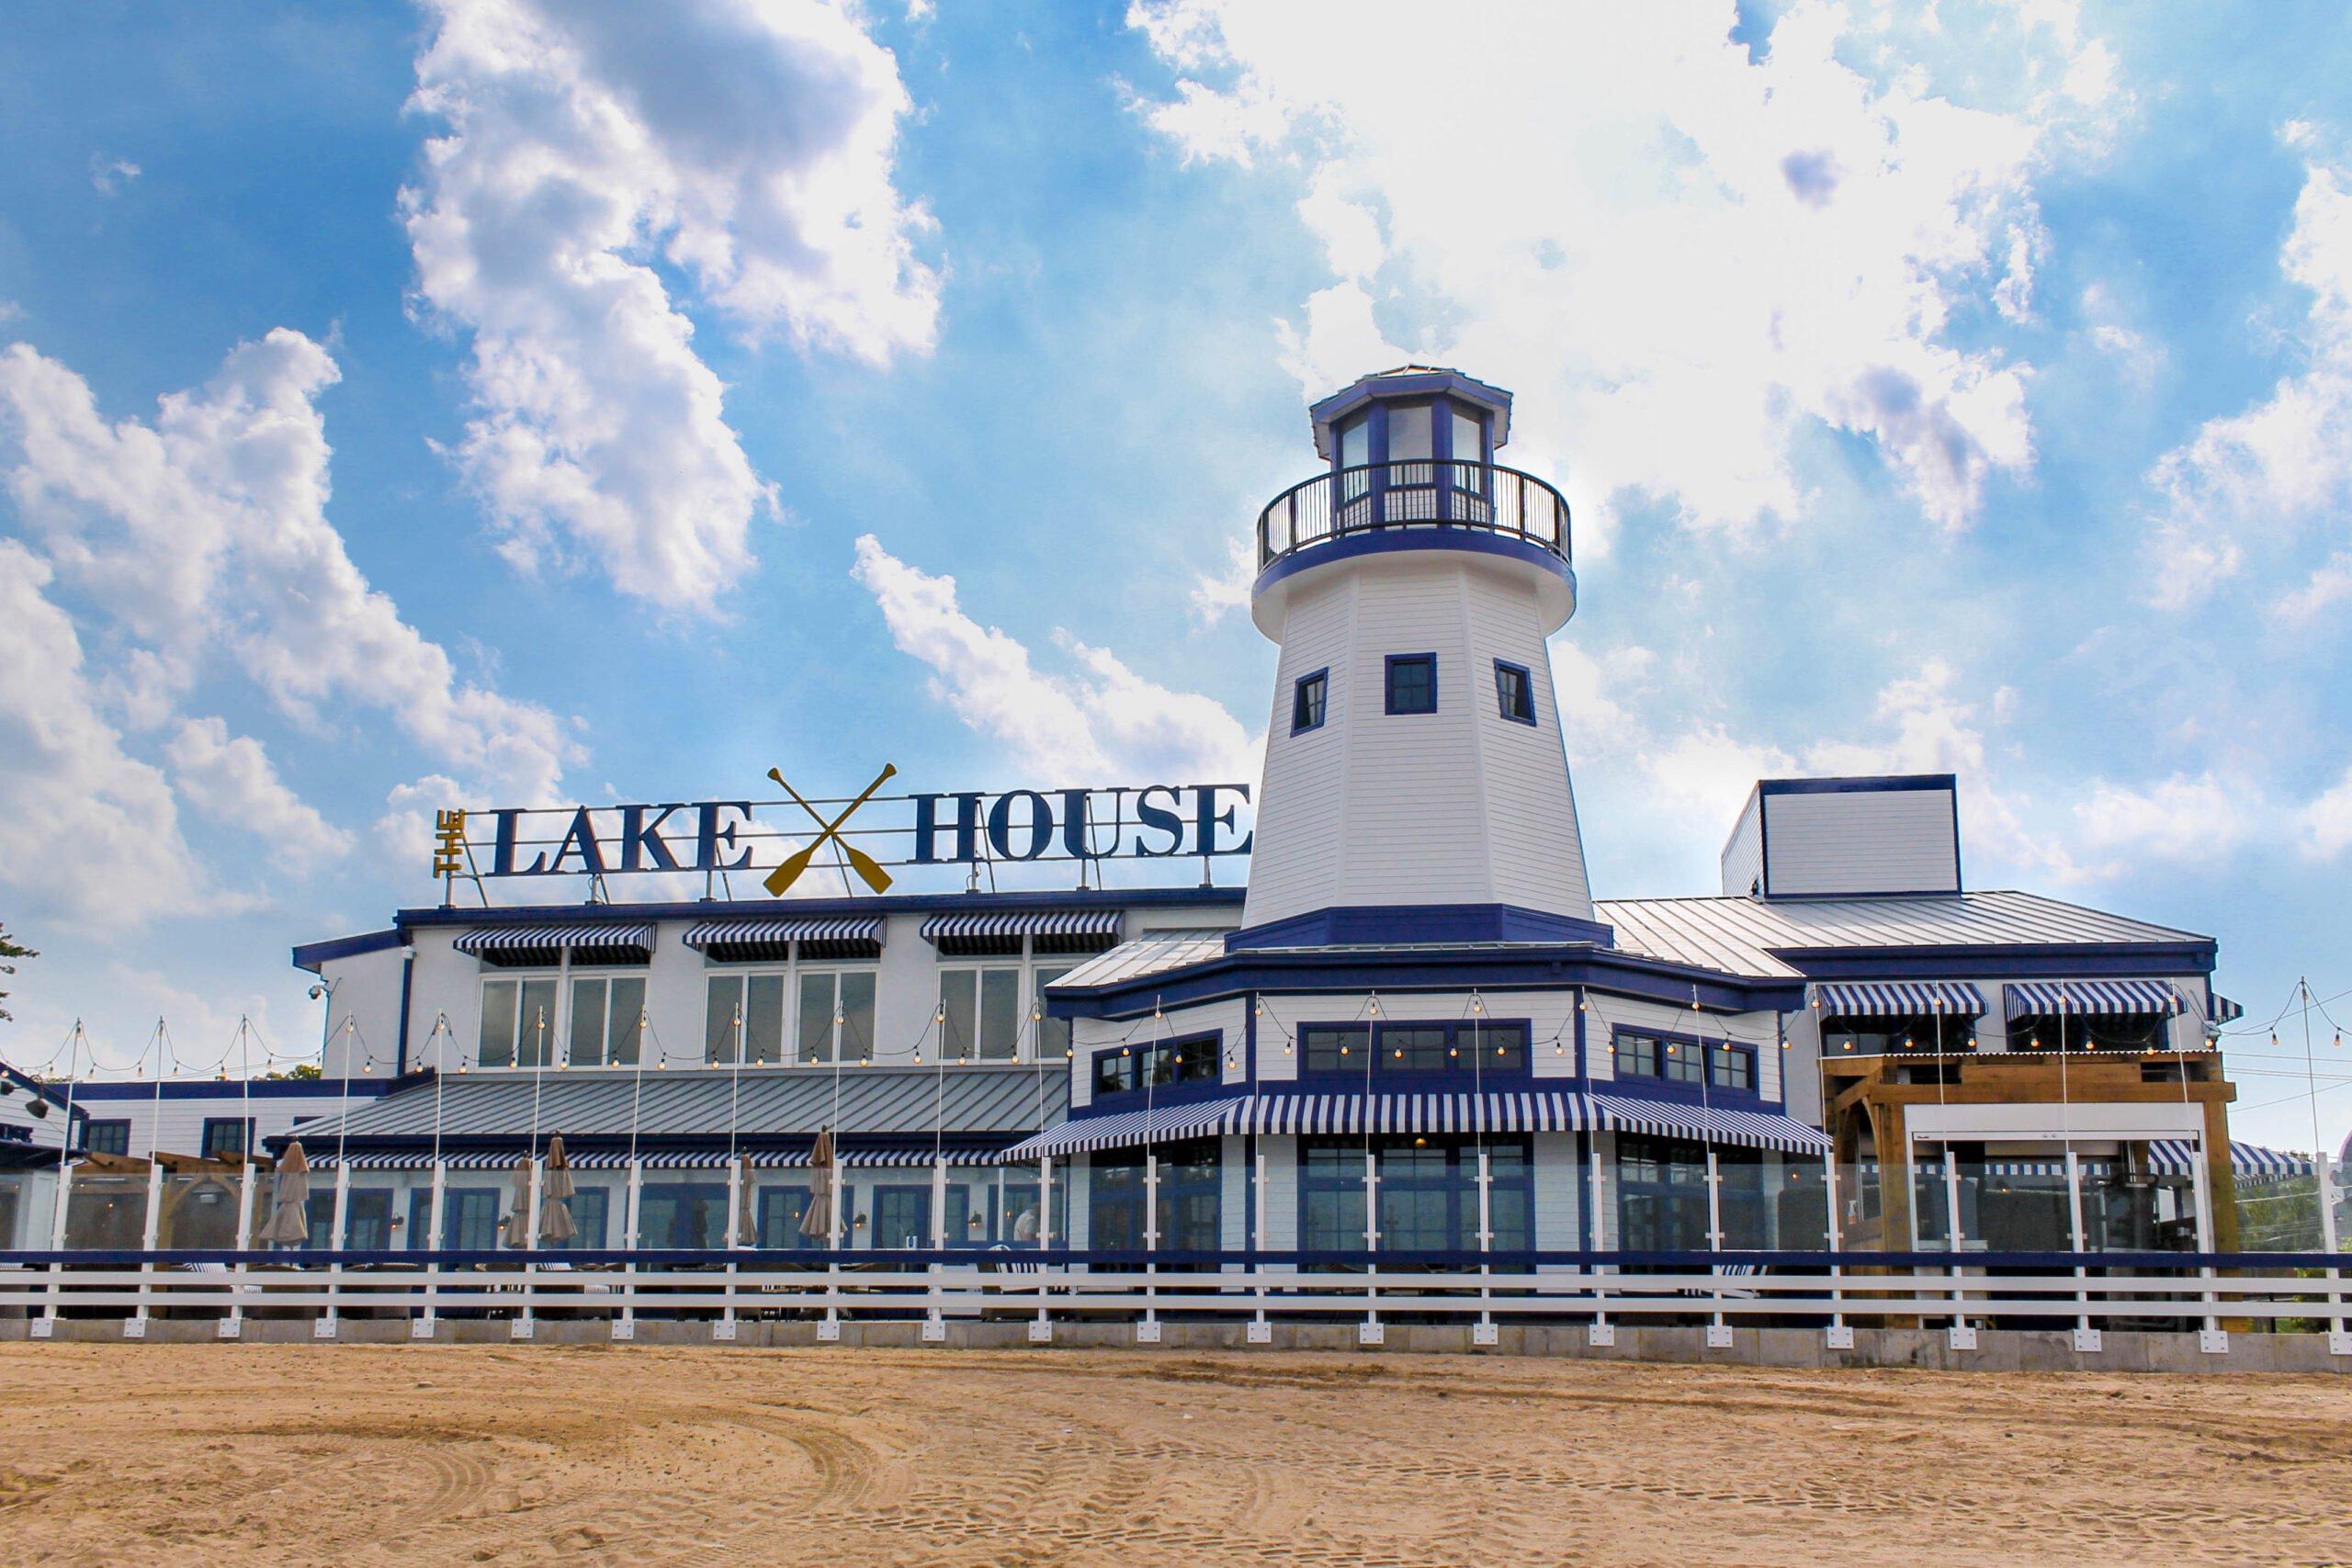 The Lake House at Sylvan Beach Grand Opening